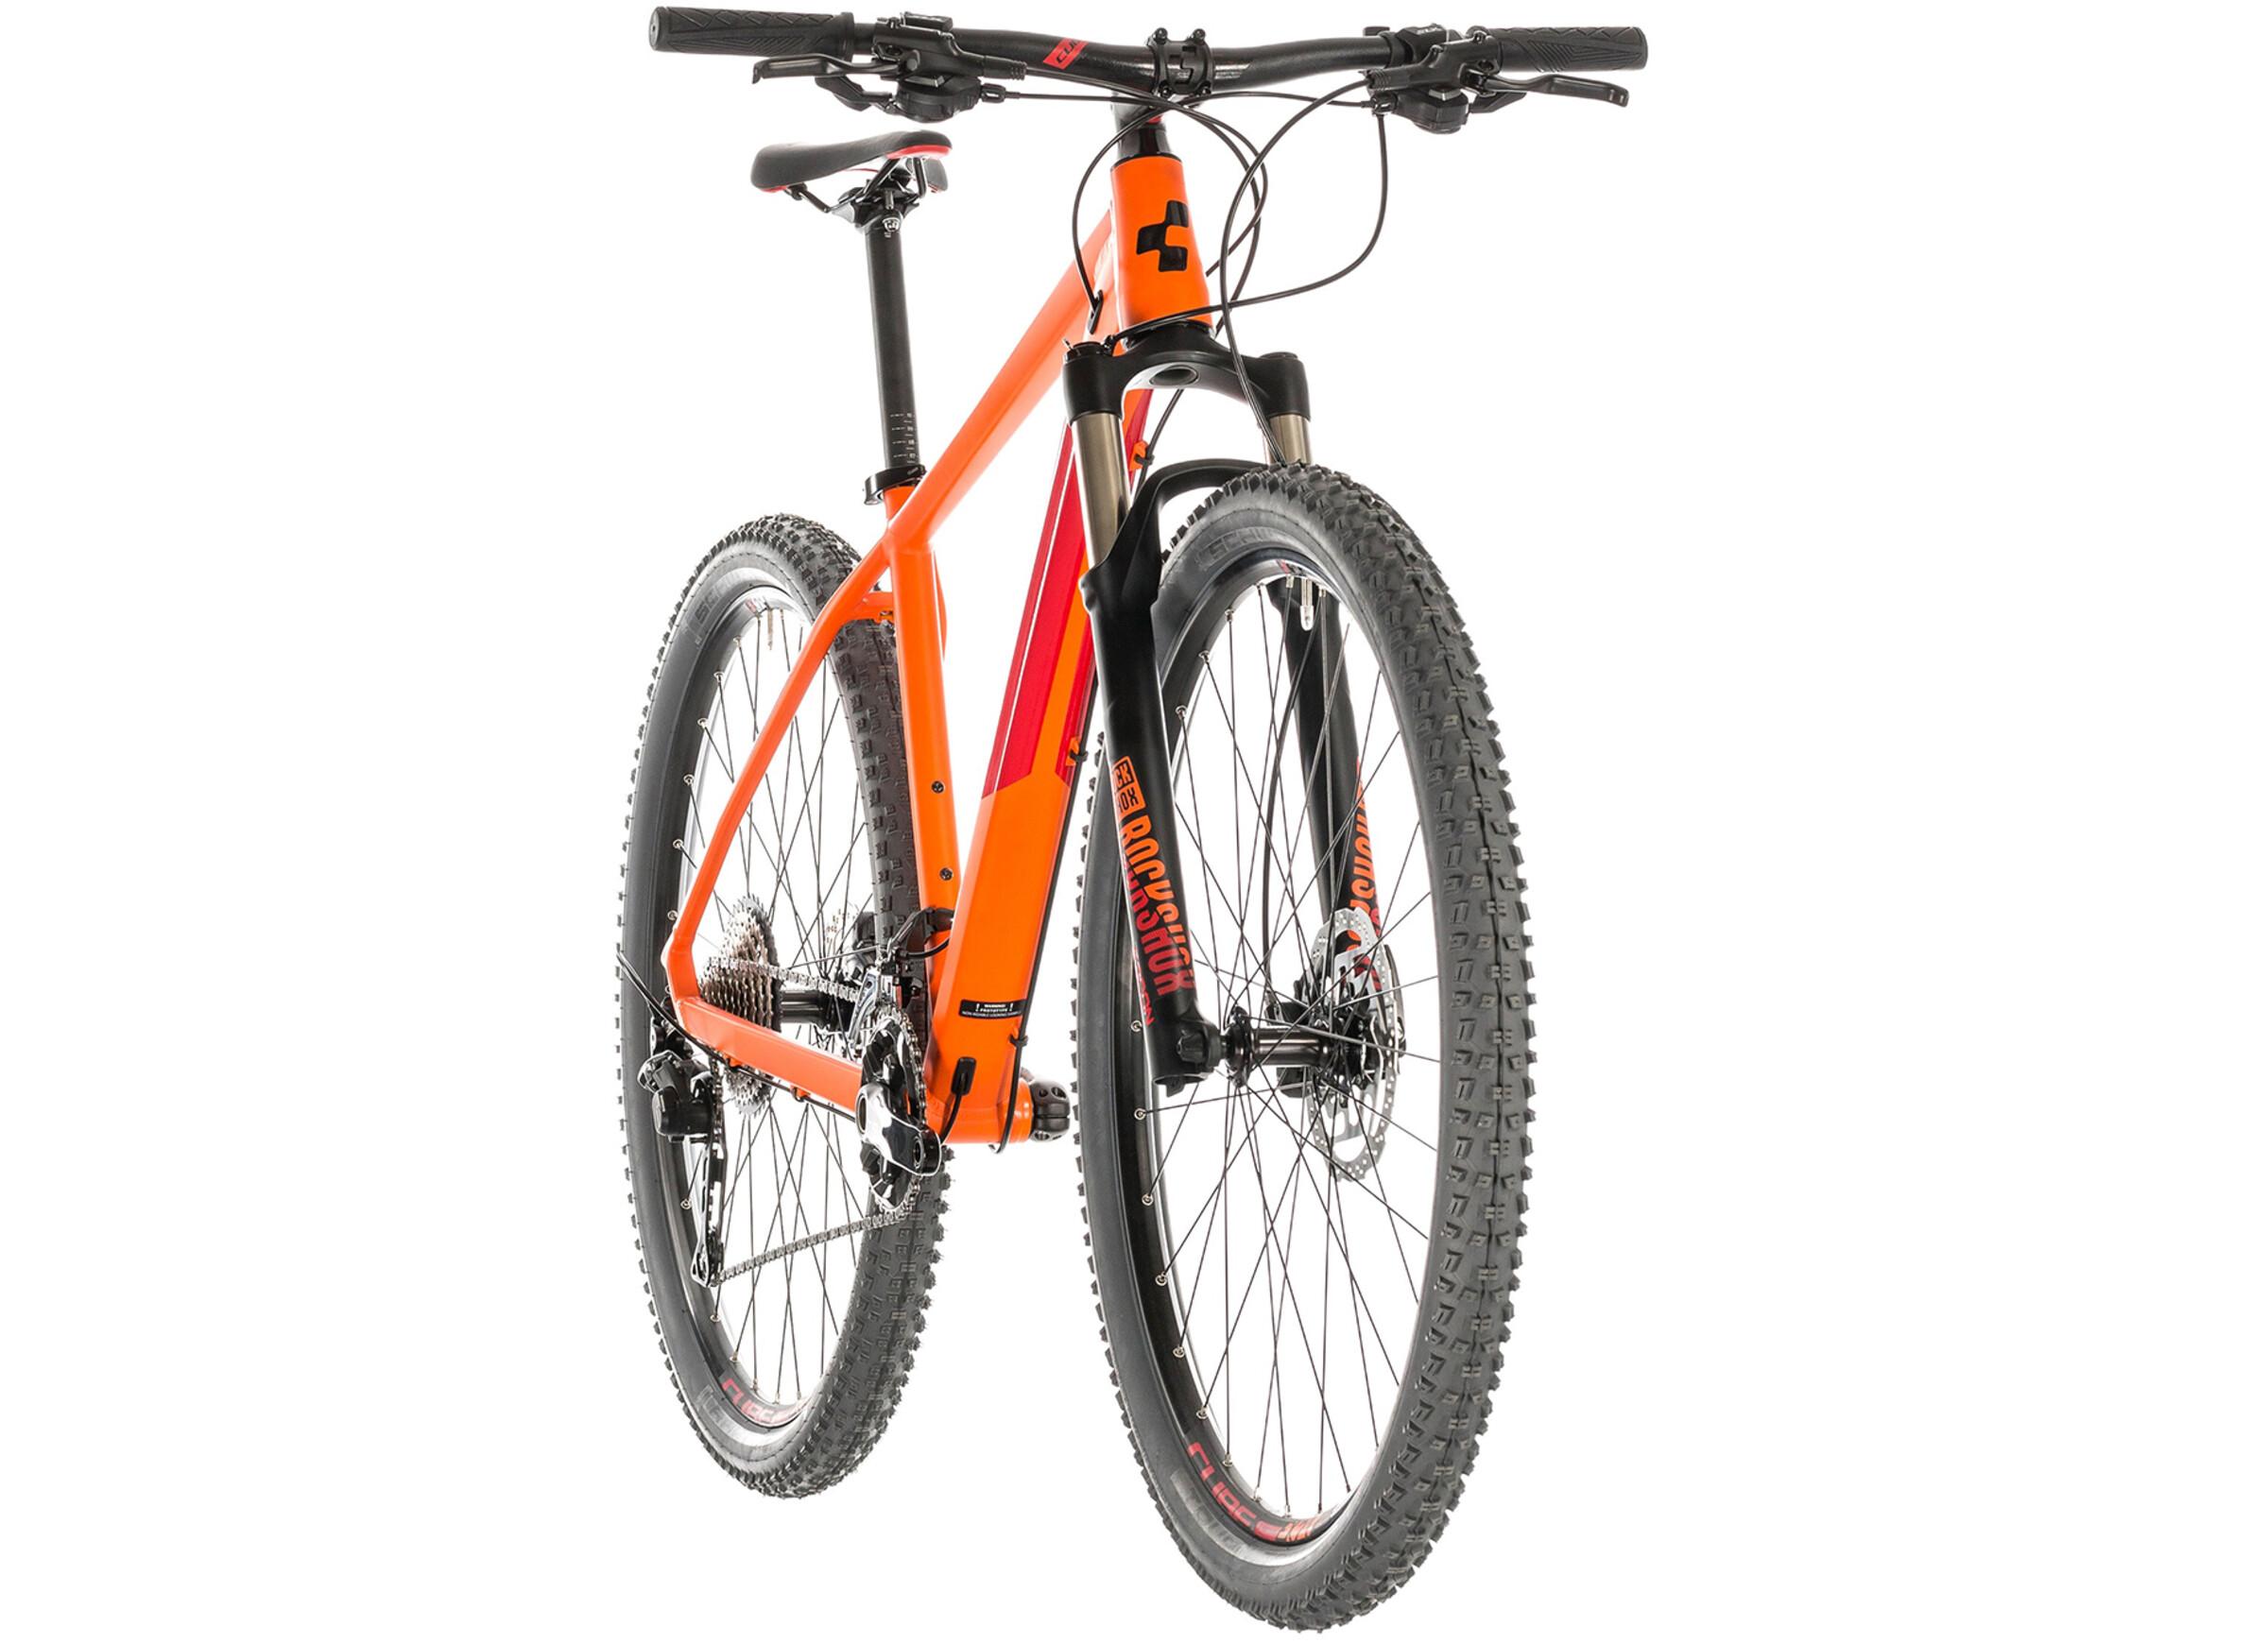 30acdaf9f68 Cube Reaction Pro MTB Hardtail orange at Bikester.co.uk